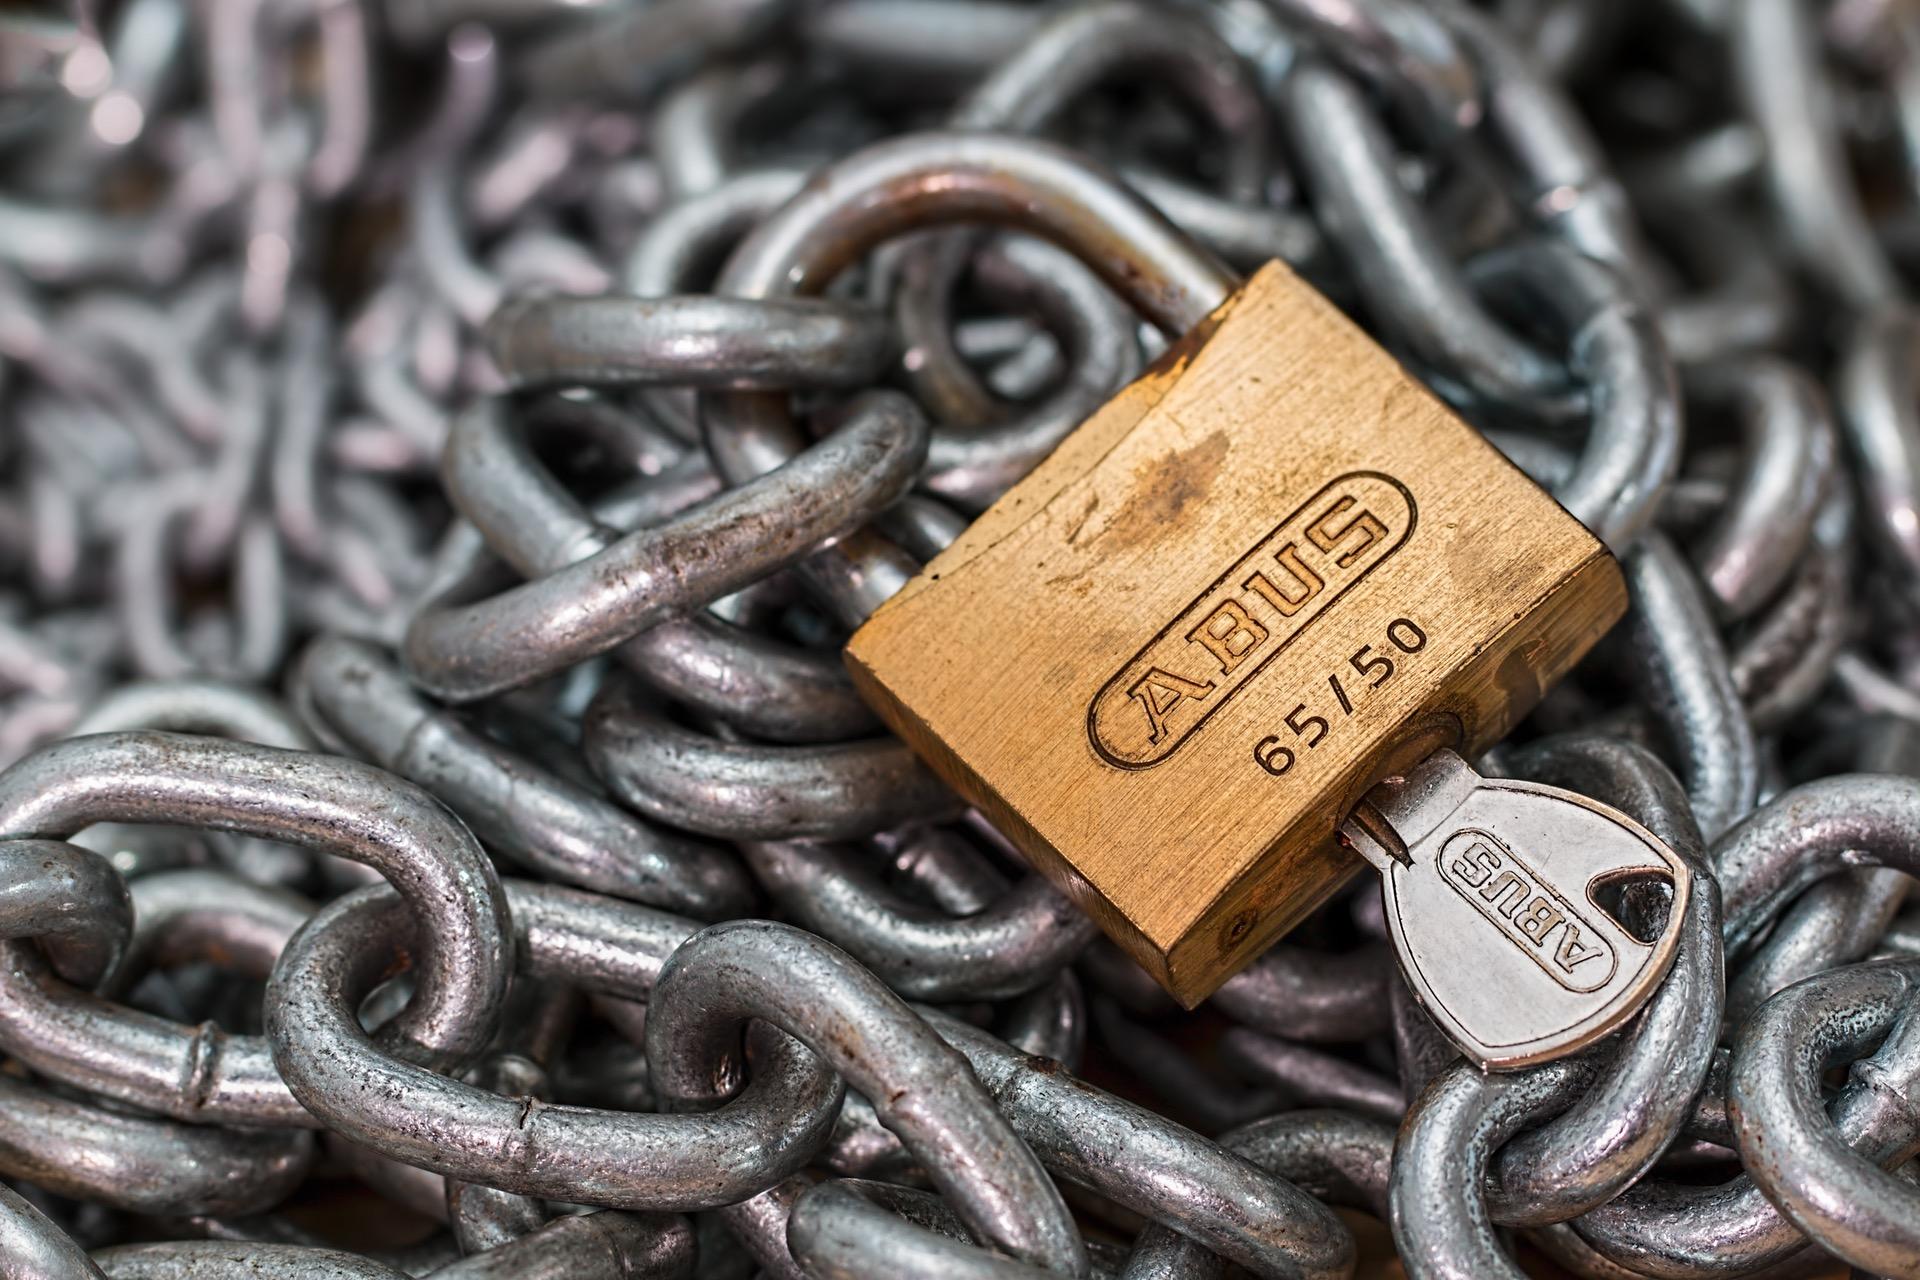 Bezpieczeństwo w sieci – Polacy świadomi, ale z obawami? Bezpieczeństwo bezpieczenstwo sieci payback raport